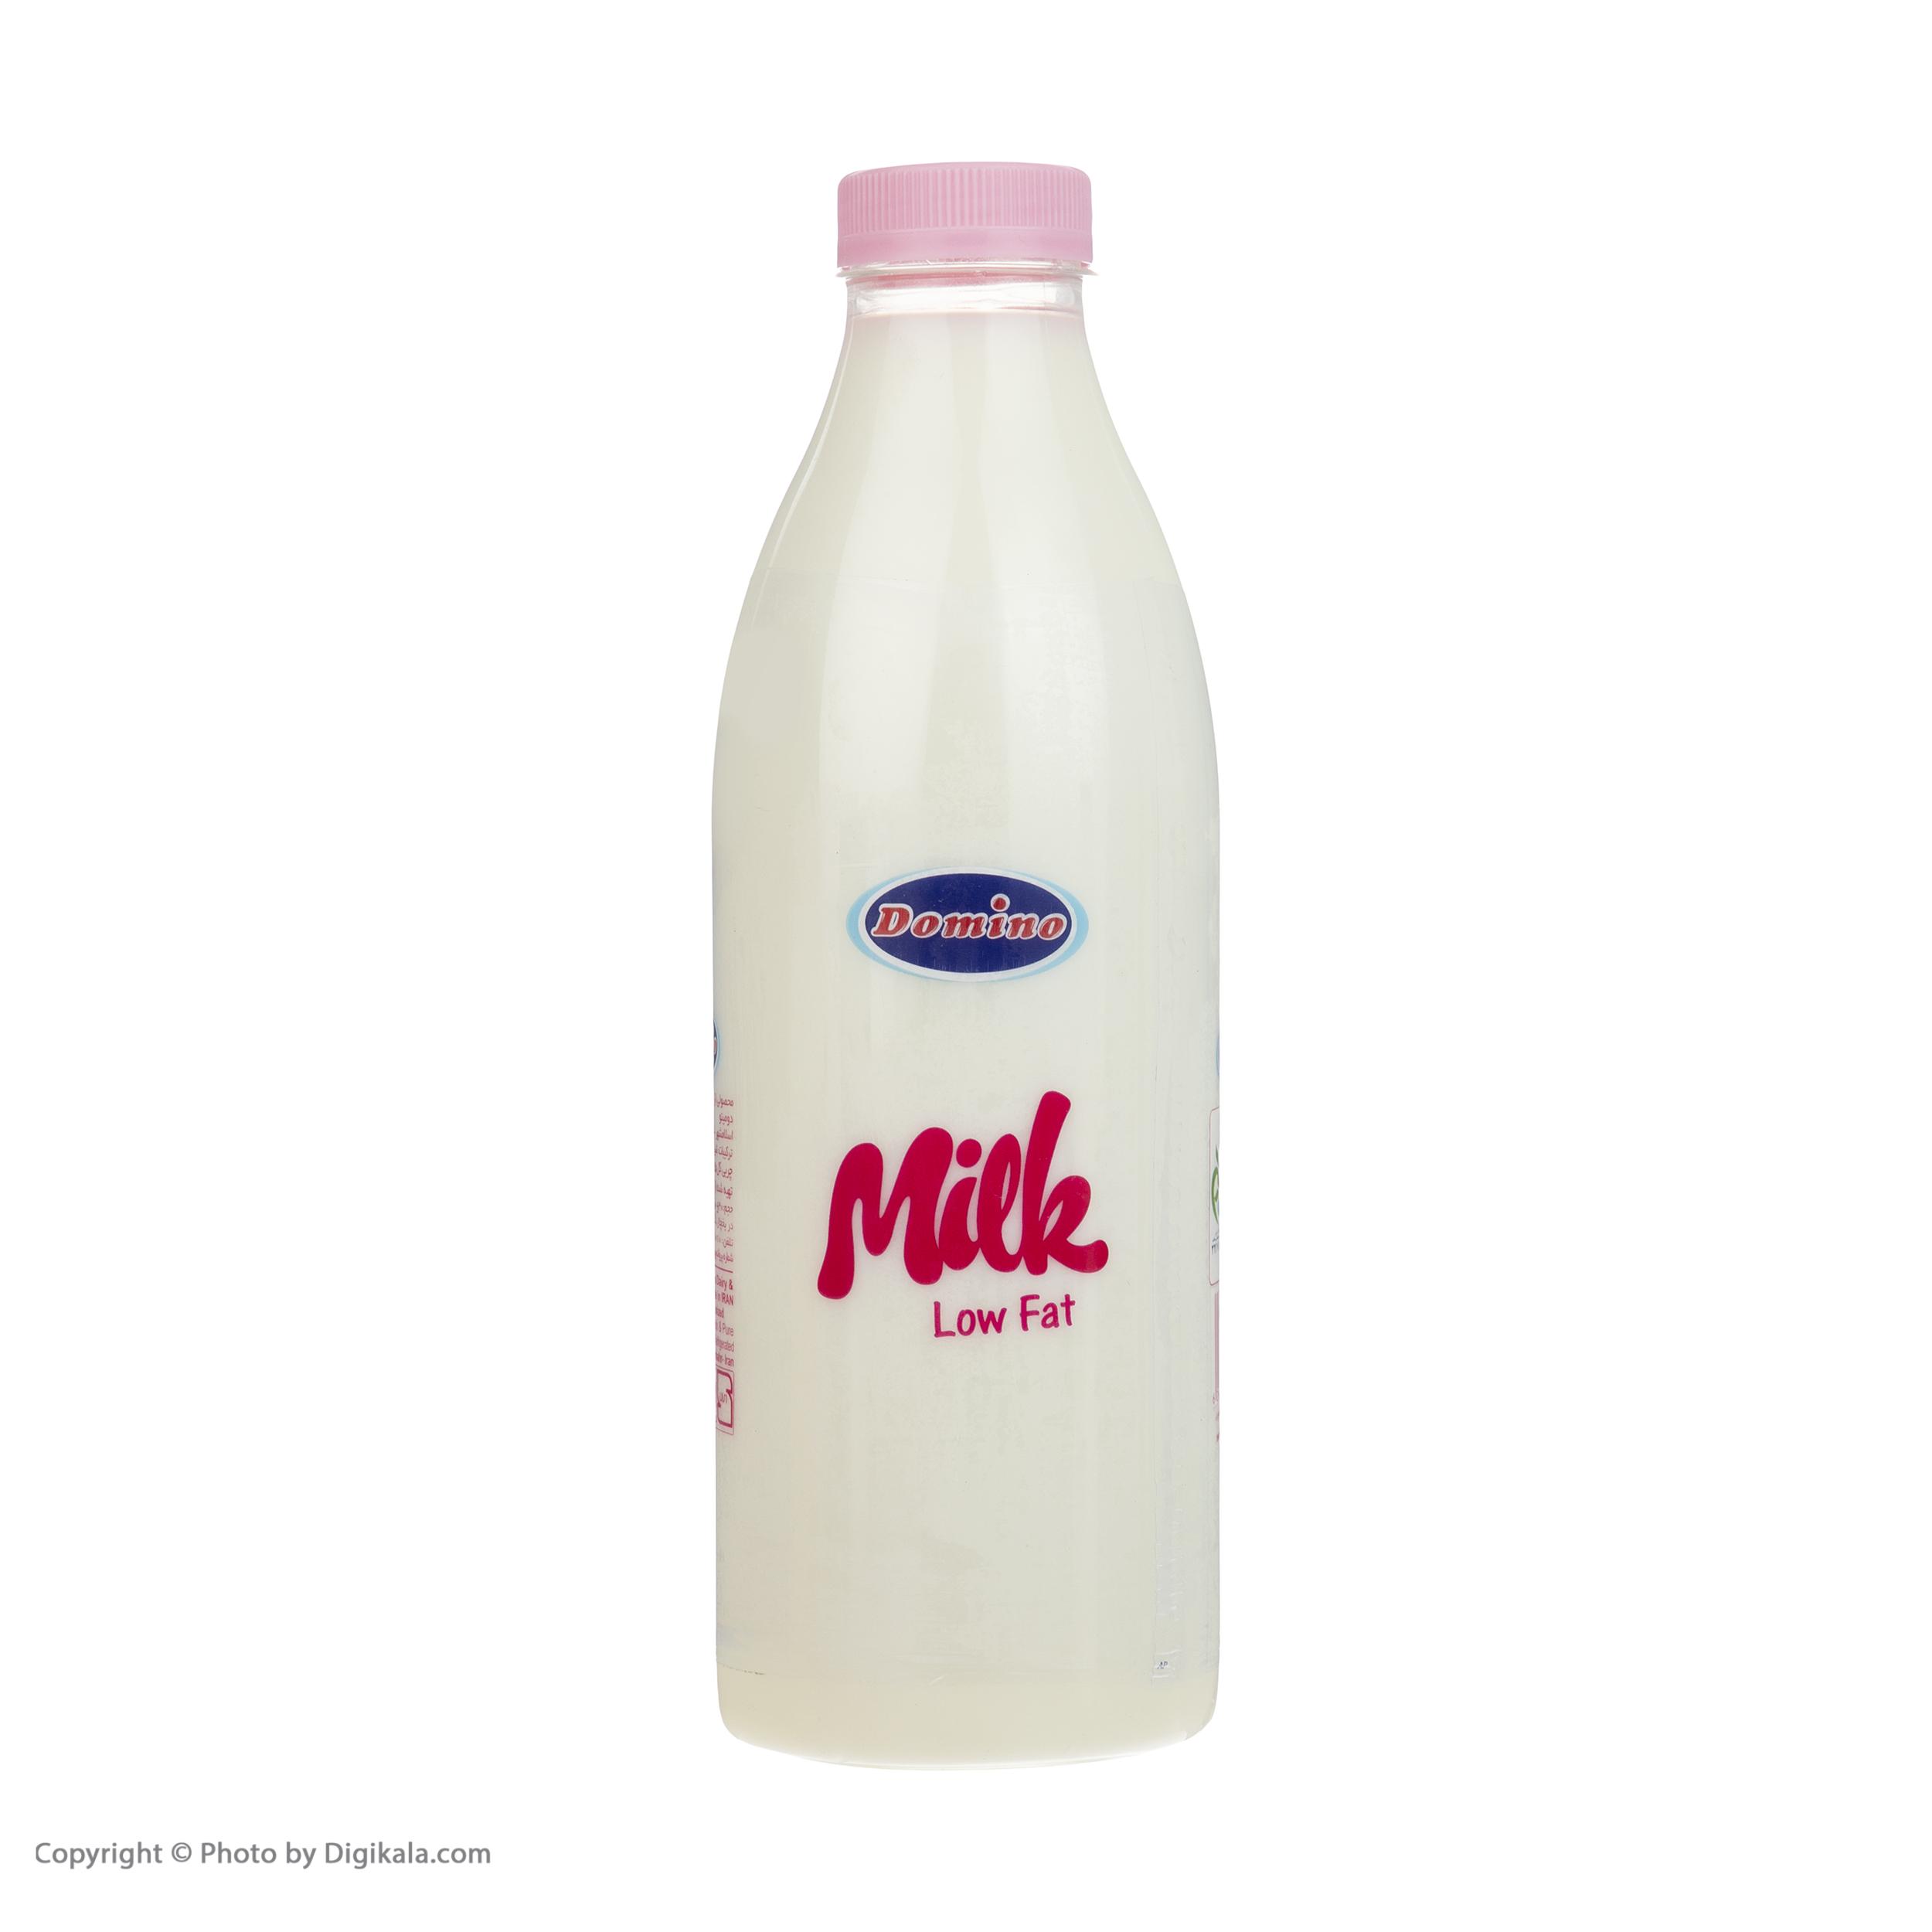 شیر کم چرب دومینو - 950 لیتر